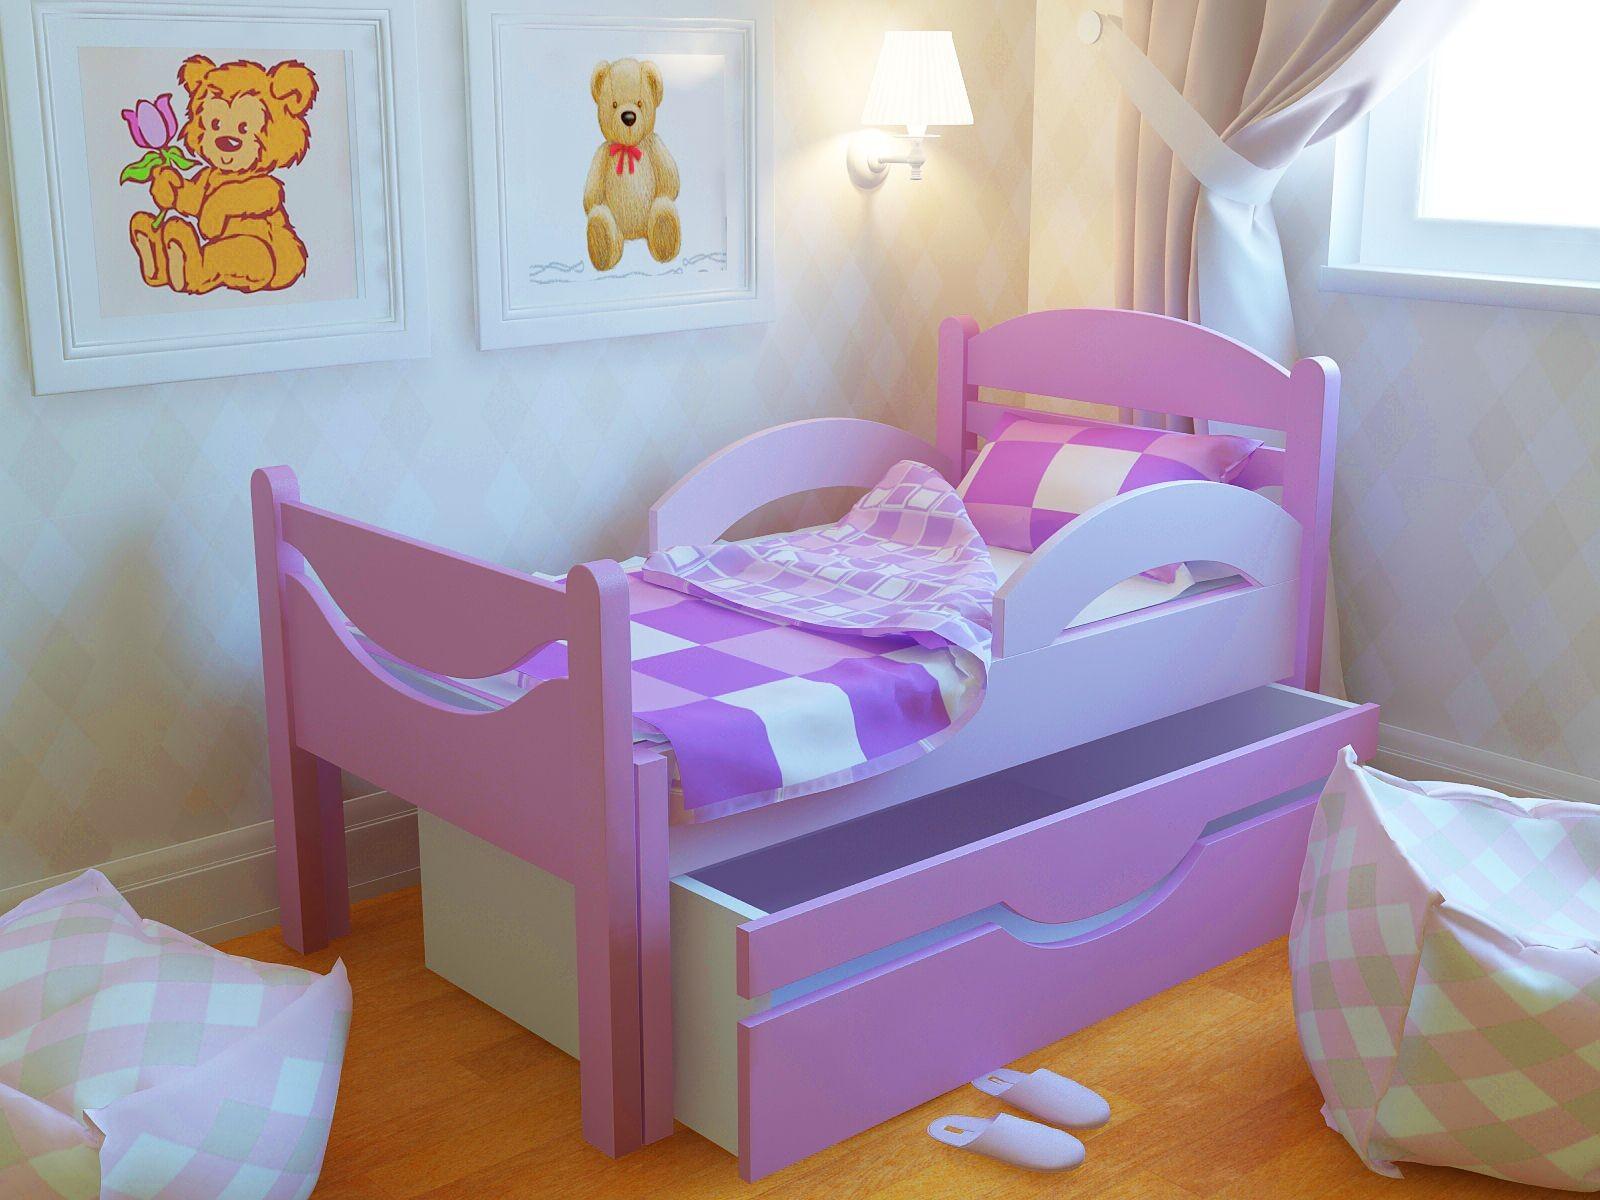 Кровать для ребенка от 3 лет с бортиком своими руками